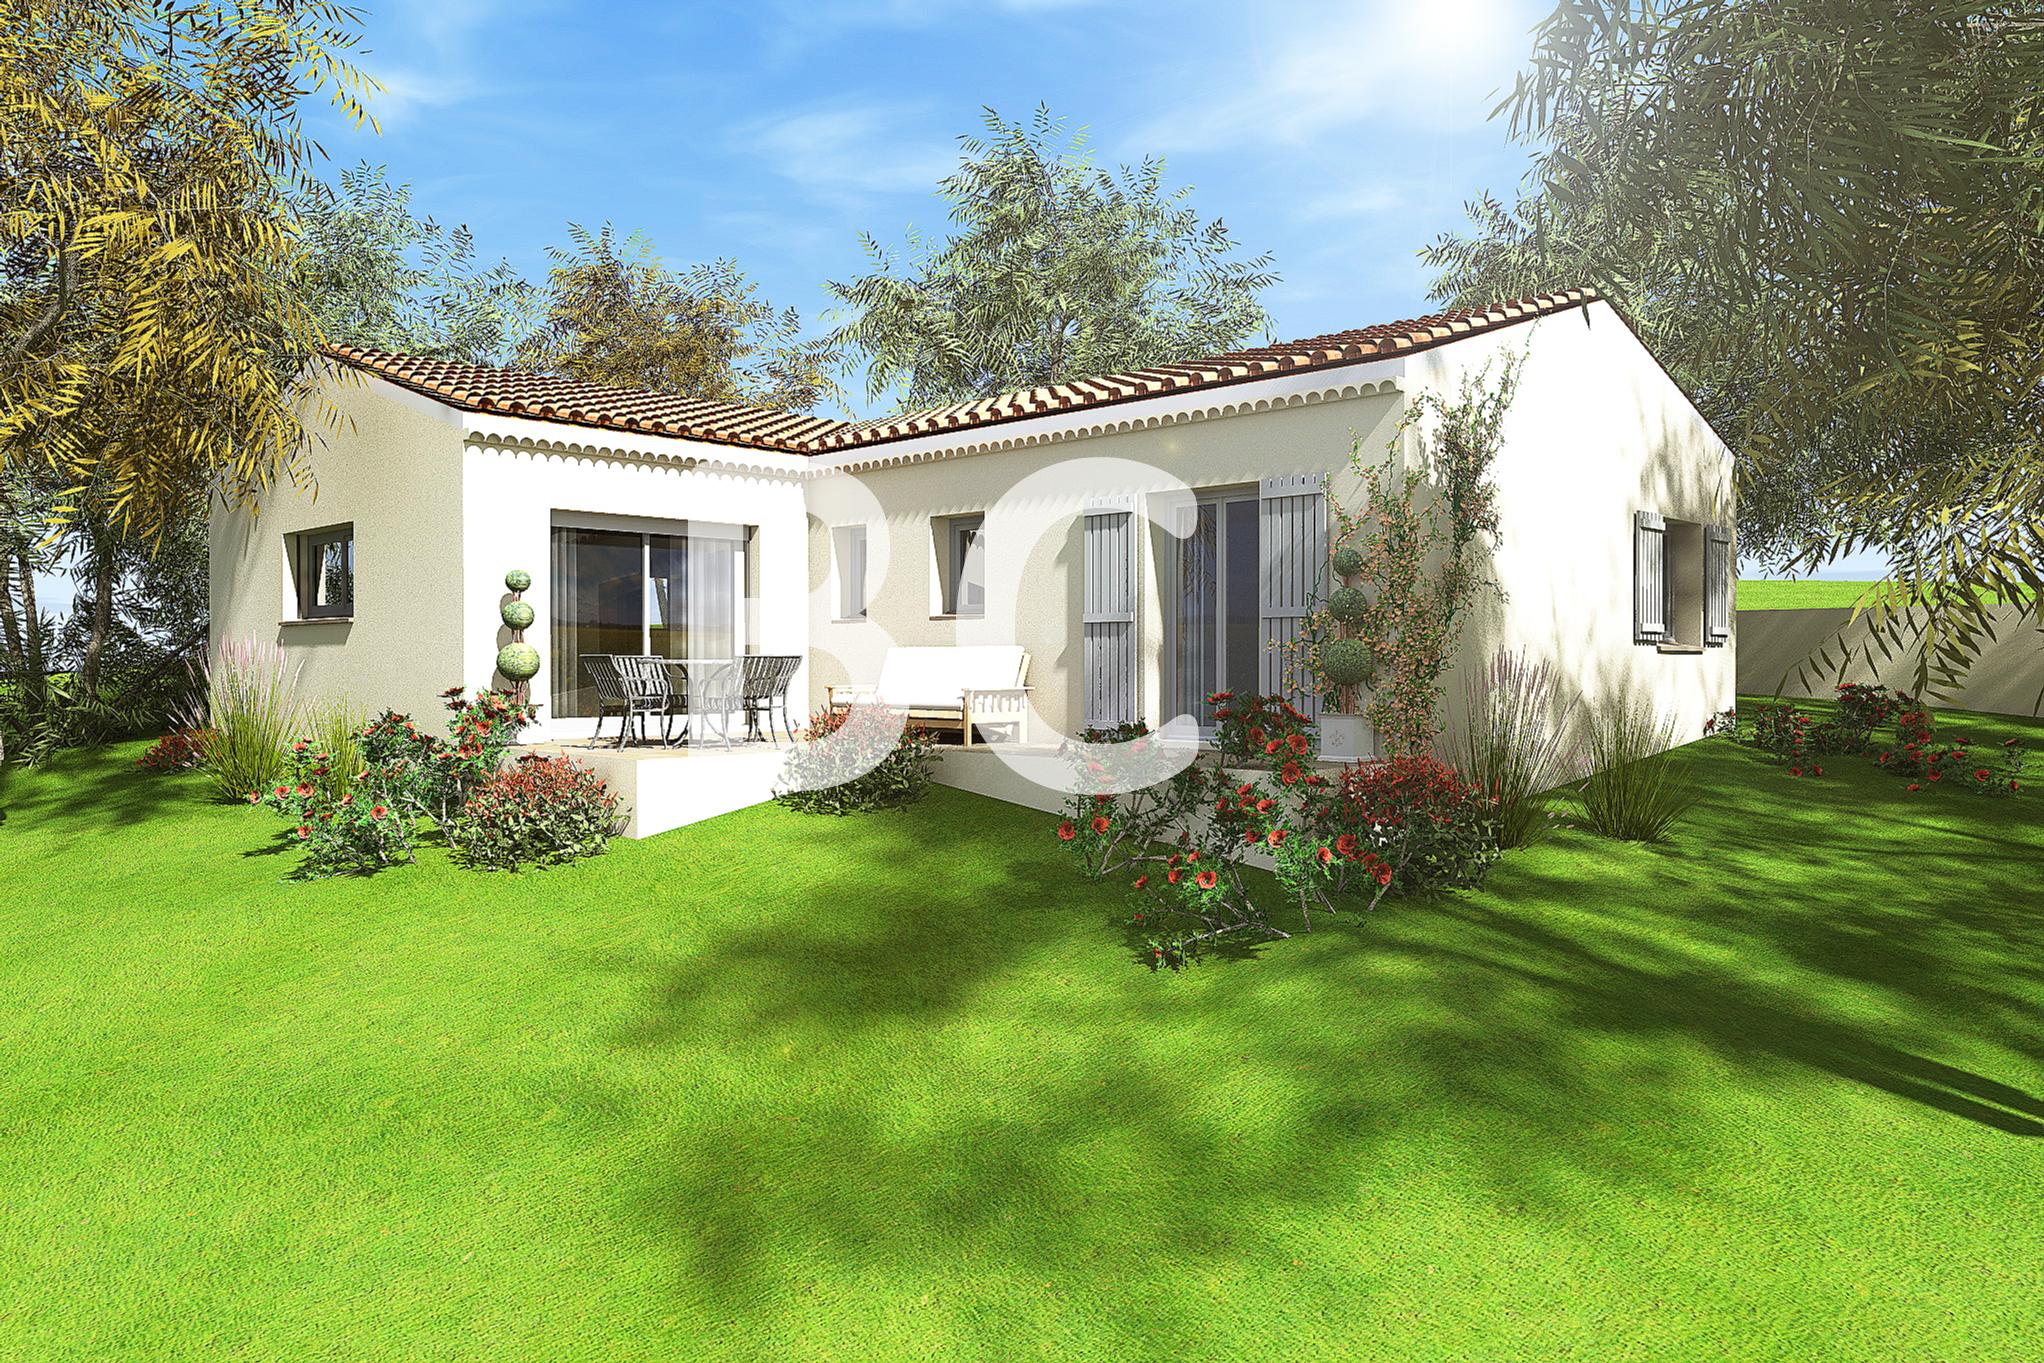 Maisons + Terrains du constructeur BATI CONCEPT 26/07 •  m² • VALLON PONT D'ARC